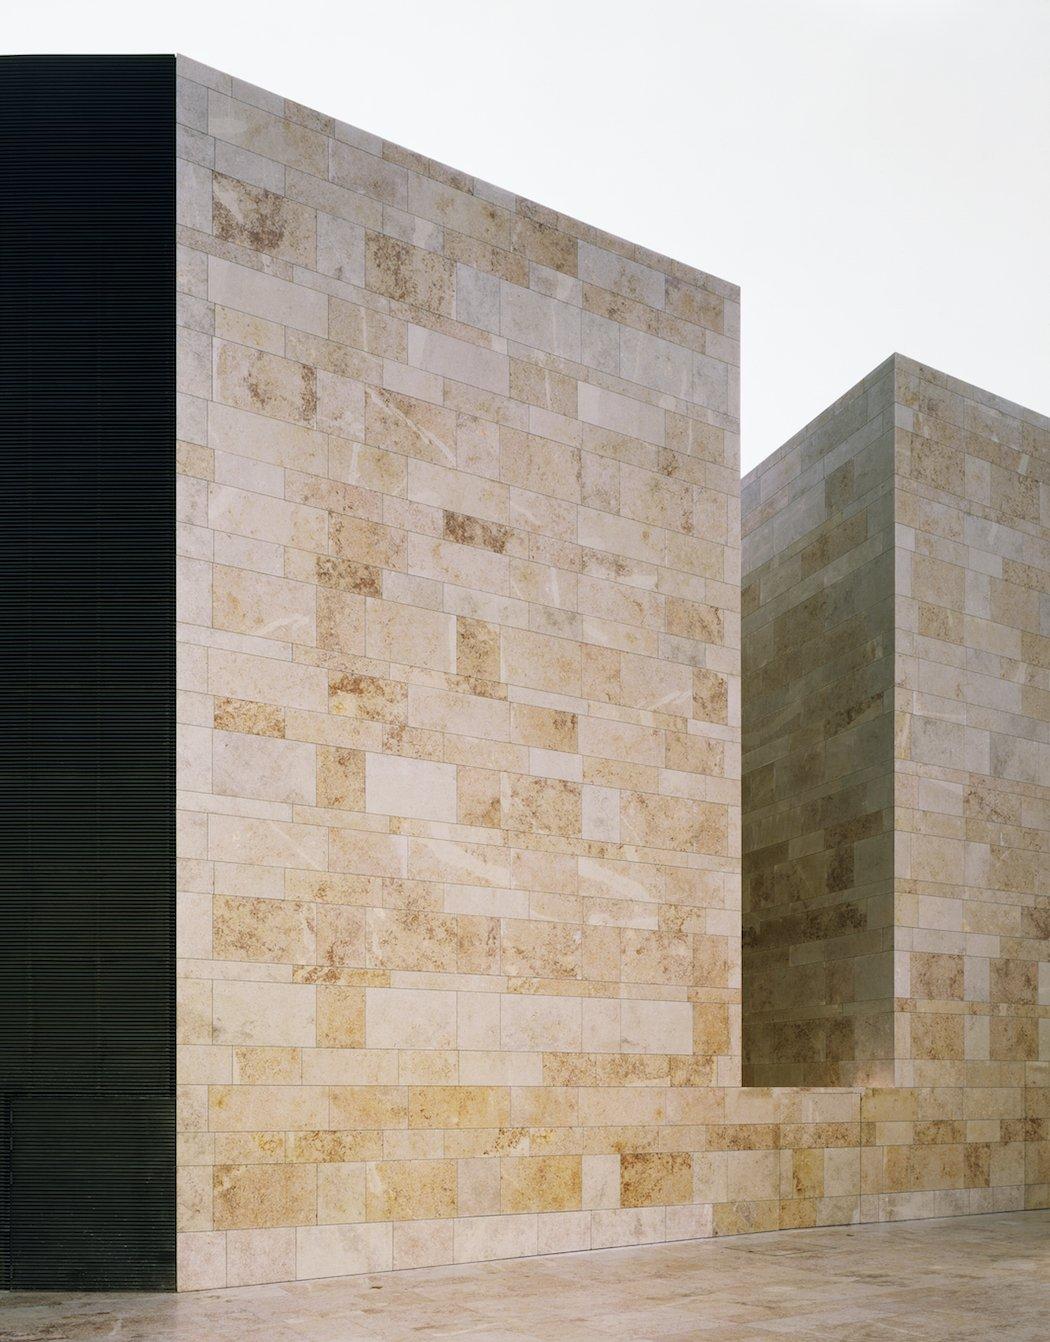 AiresMateus_architecture- AM&A SINES-2006 010